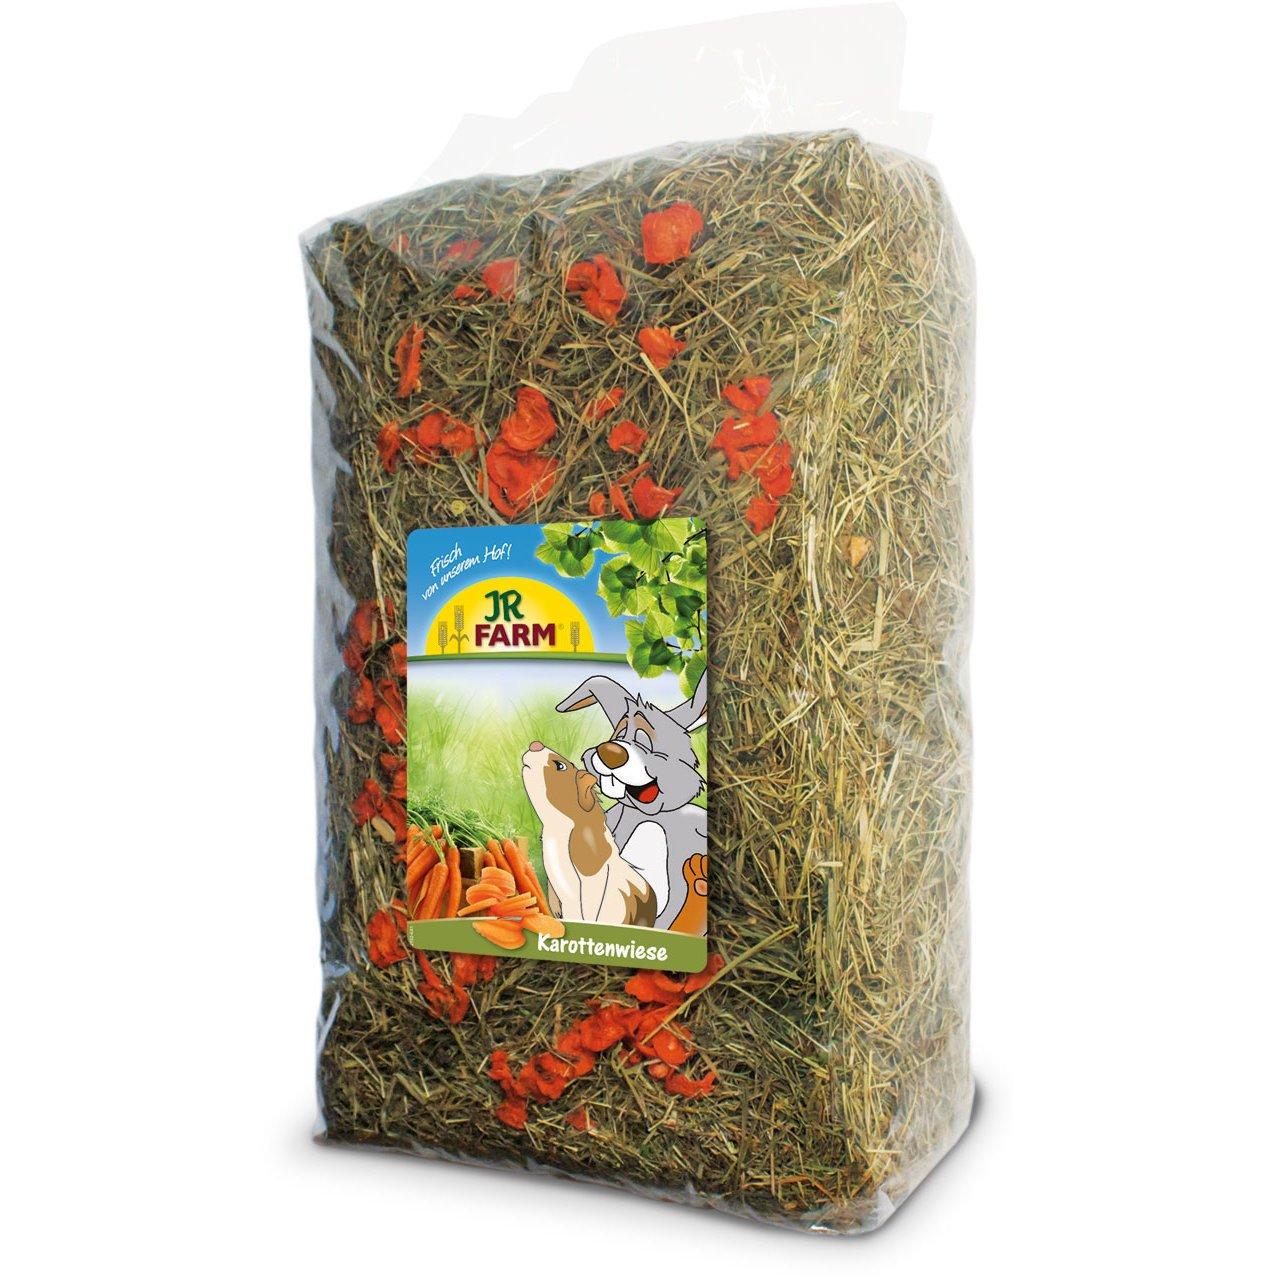 JR Farm Premium Heu Kräuterwiese, Karottenwiese, 1,5 kg